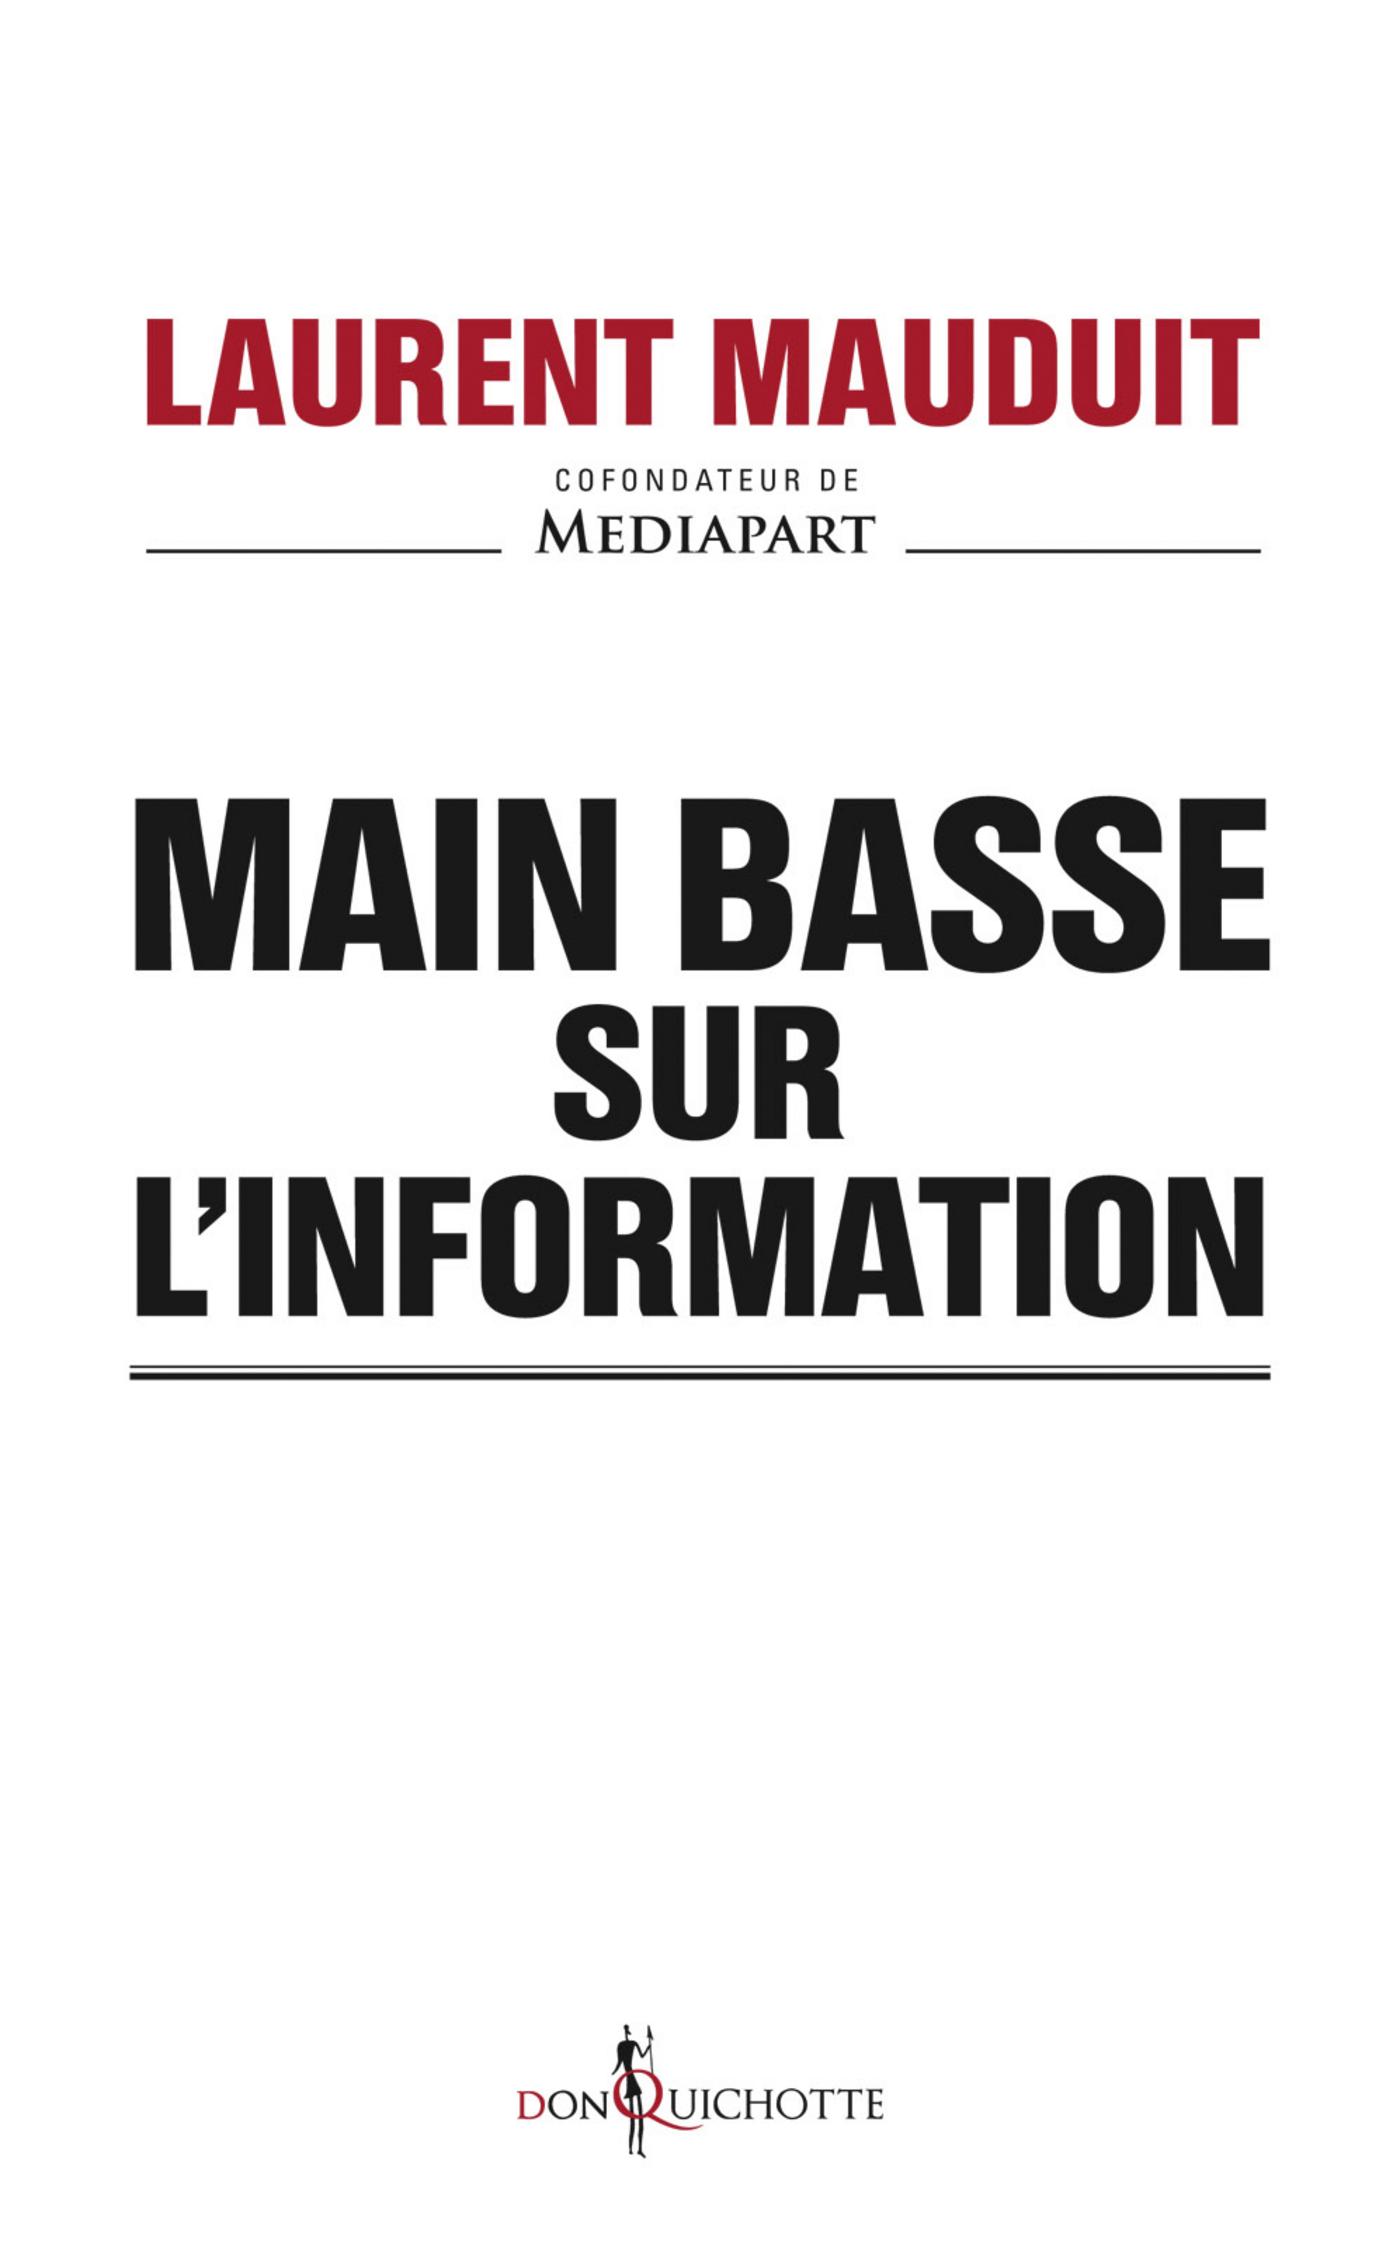 Main basse sur l'information